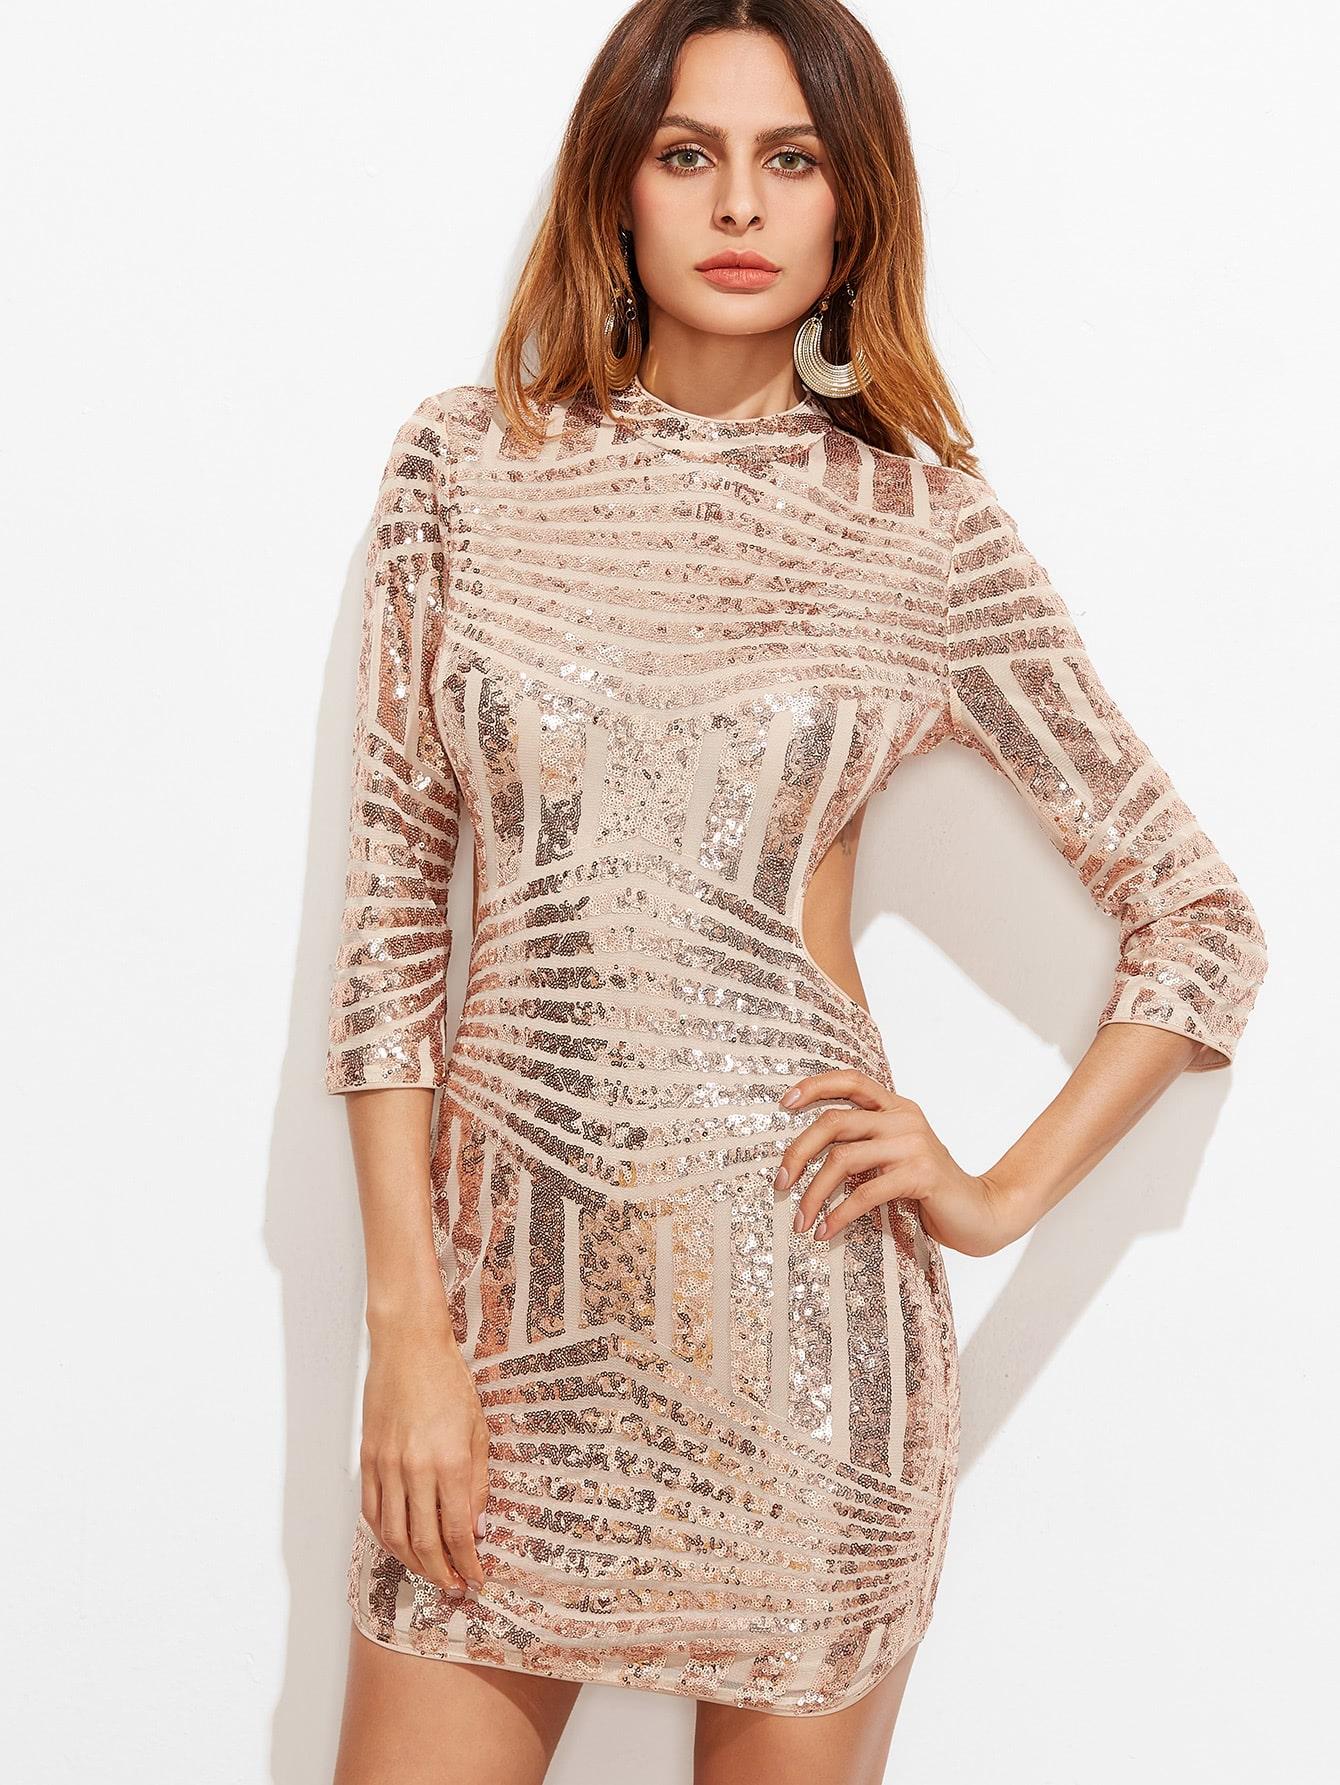 dress161206713_3